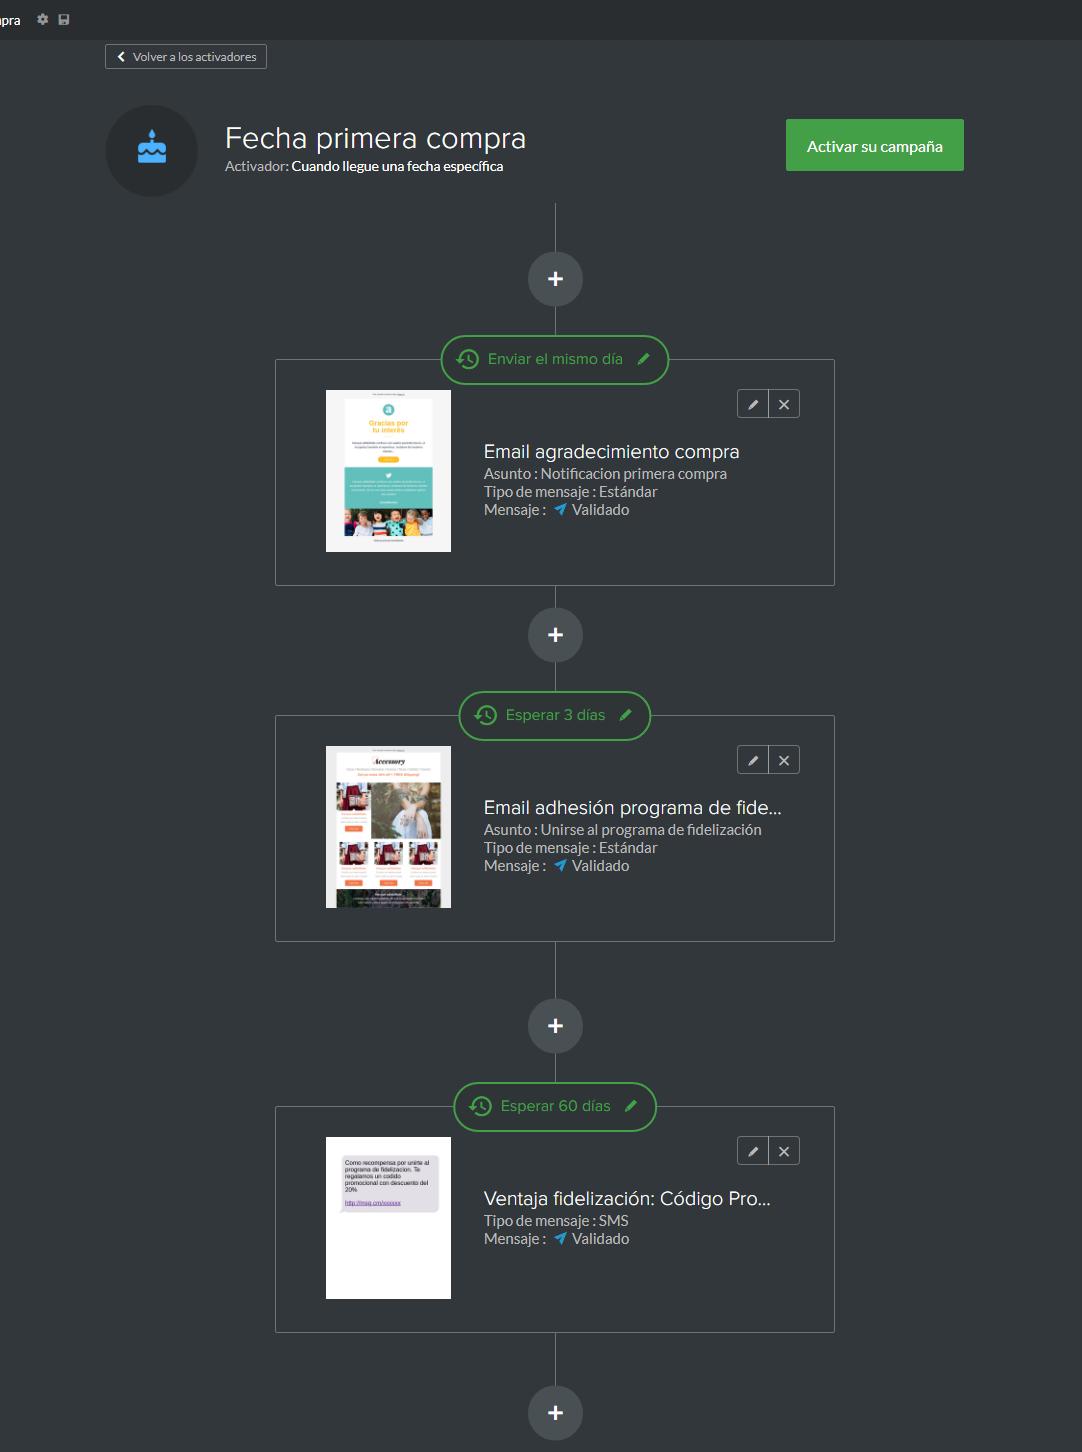 ejemplo campaña sms marketing tras primera compra